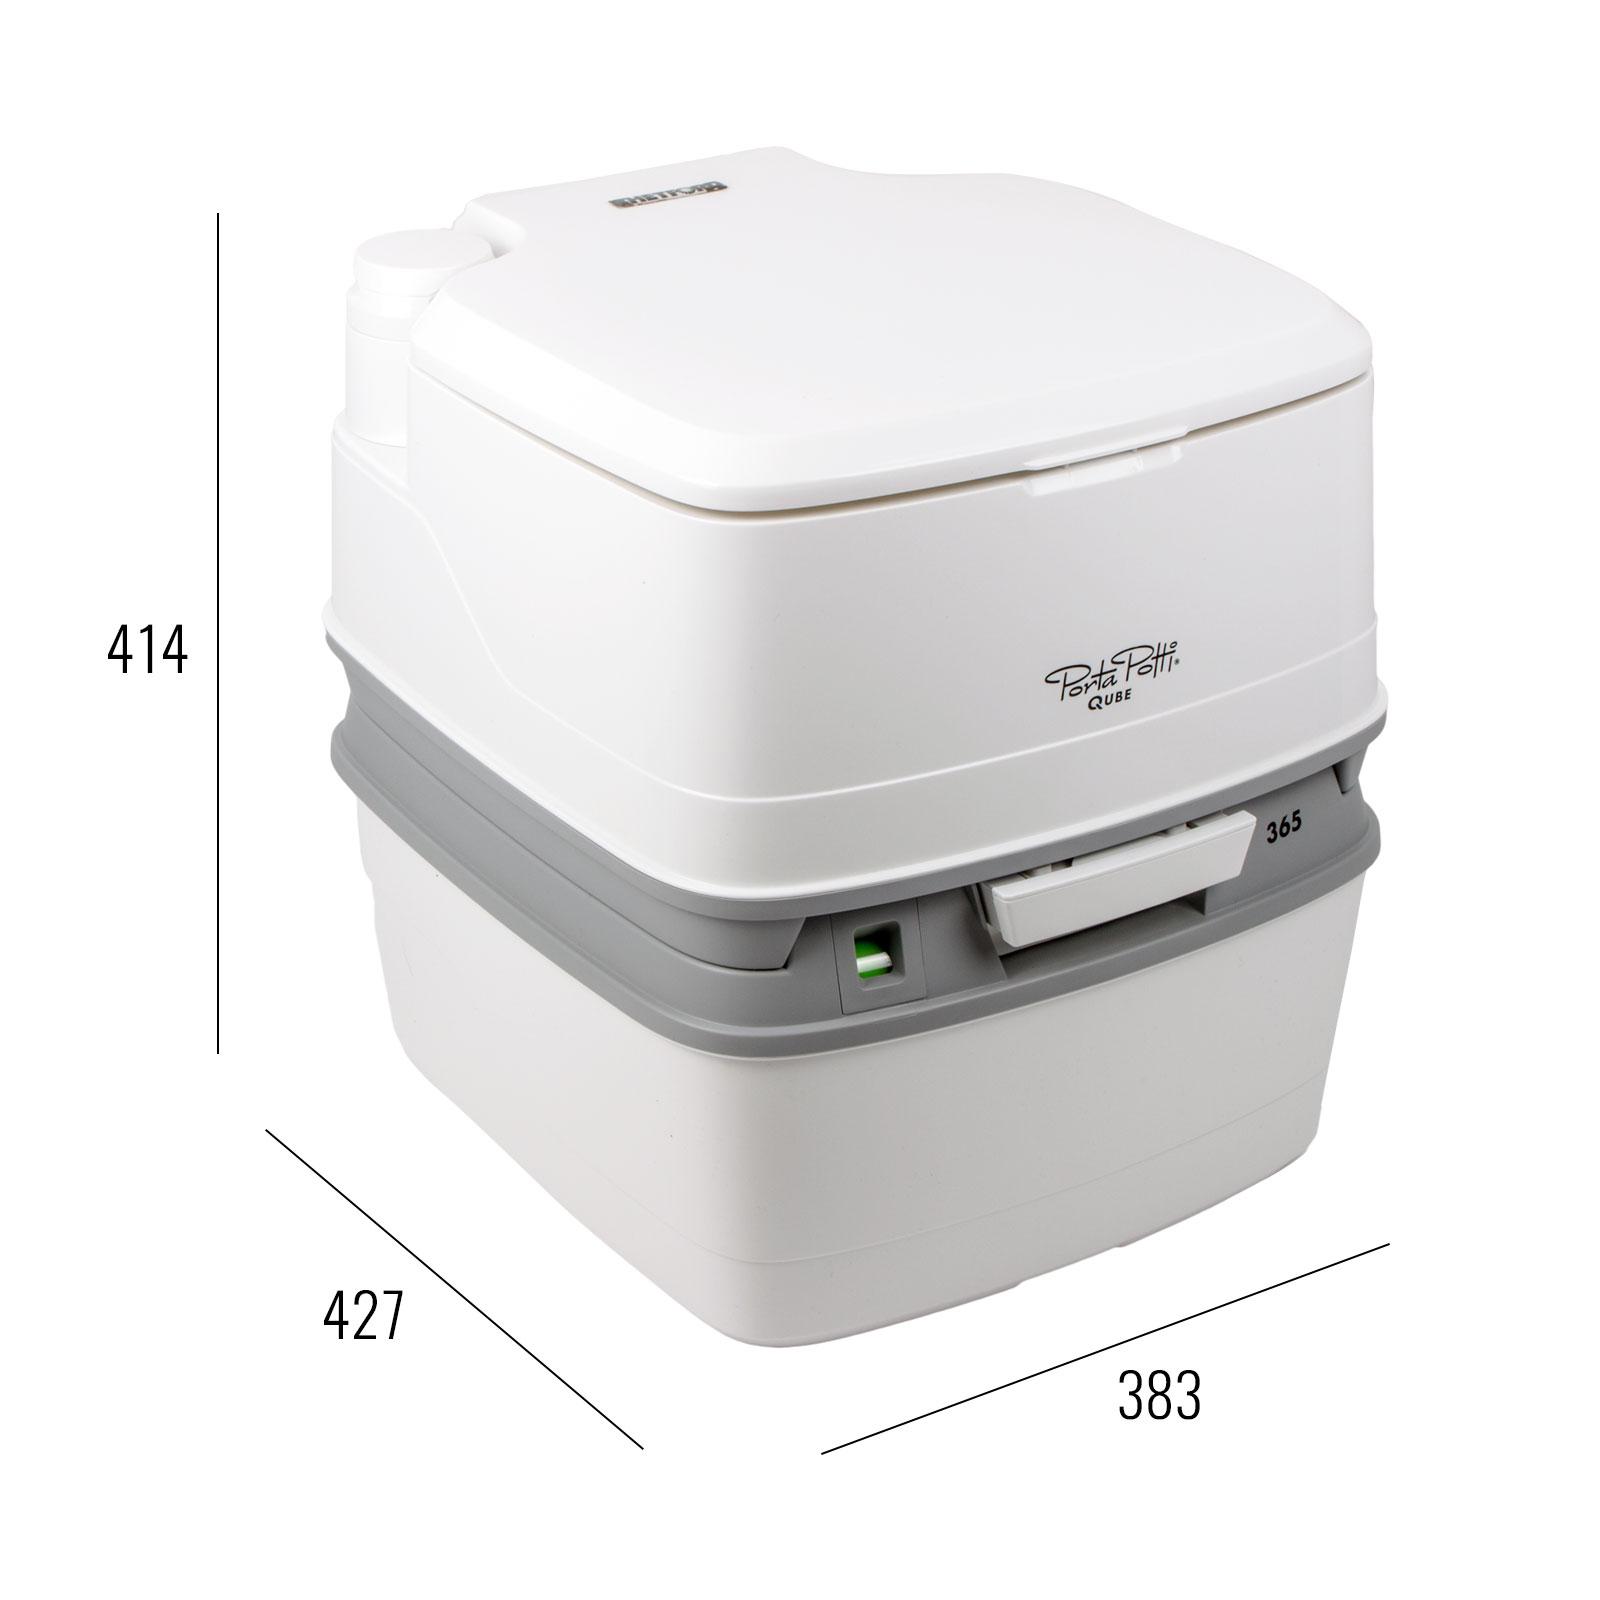 porta potti qube 365 campingtoilette 21ltr toilettenpapier chemie f r wohnwagen ebay. Black Bedroom Furniture Sets. Home Design Ideas